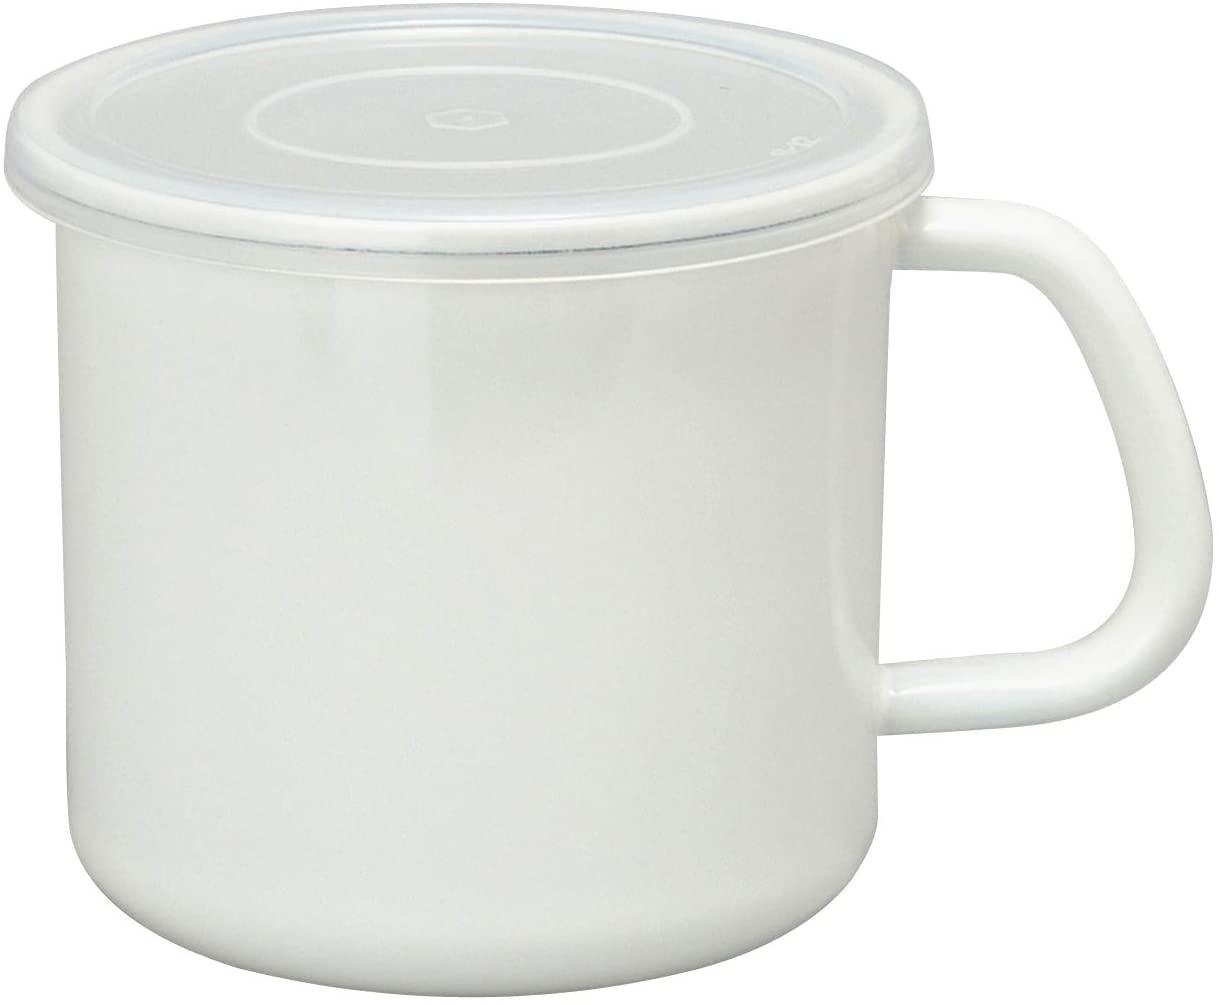 White Series(ホワイトシリーズ) 持ち手付ストッカー丸型